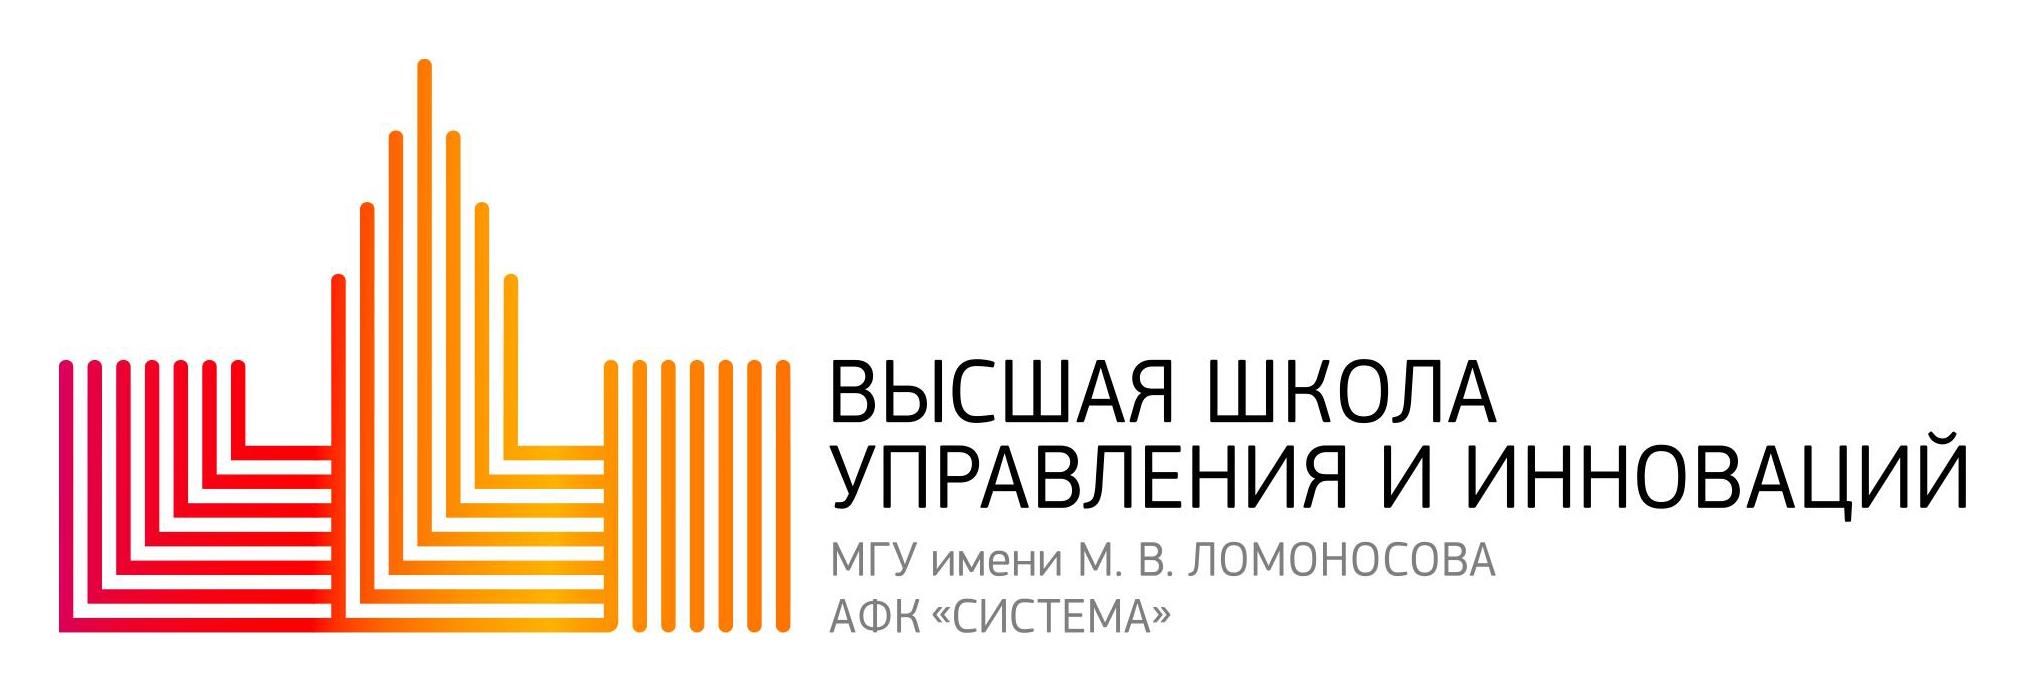 VI Международная научно-практическая конференция «Инновационная экономика и менеджмент: методы и технологии»